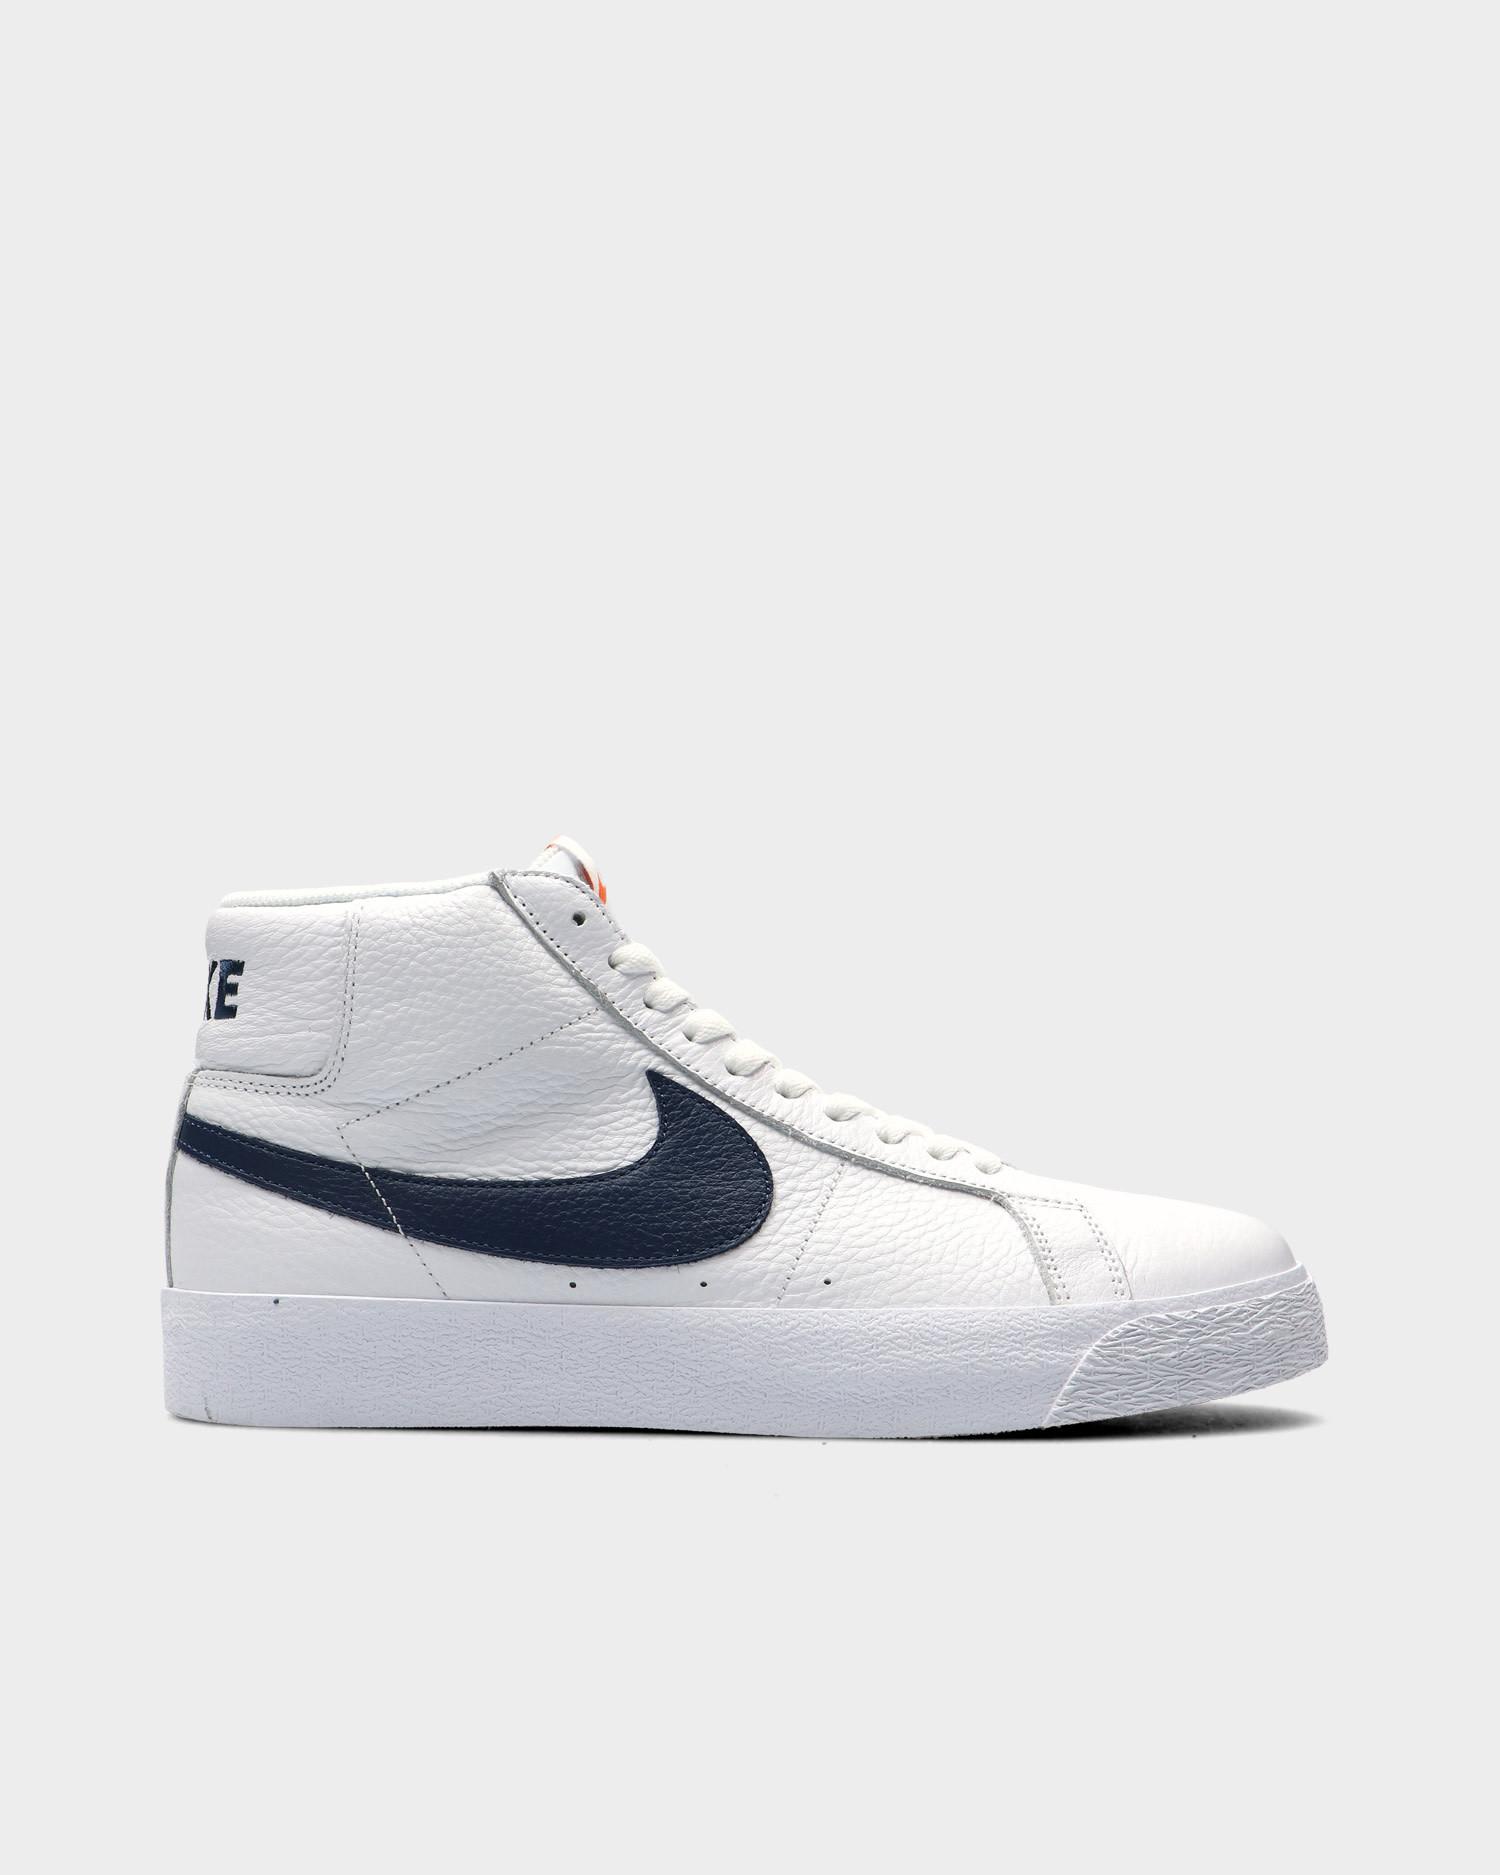 Nike SB Zoom Blazer Mid White/Navy-Safety Orange